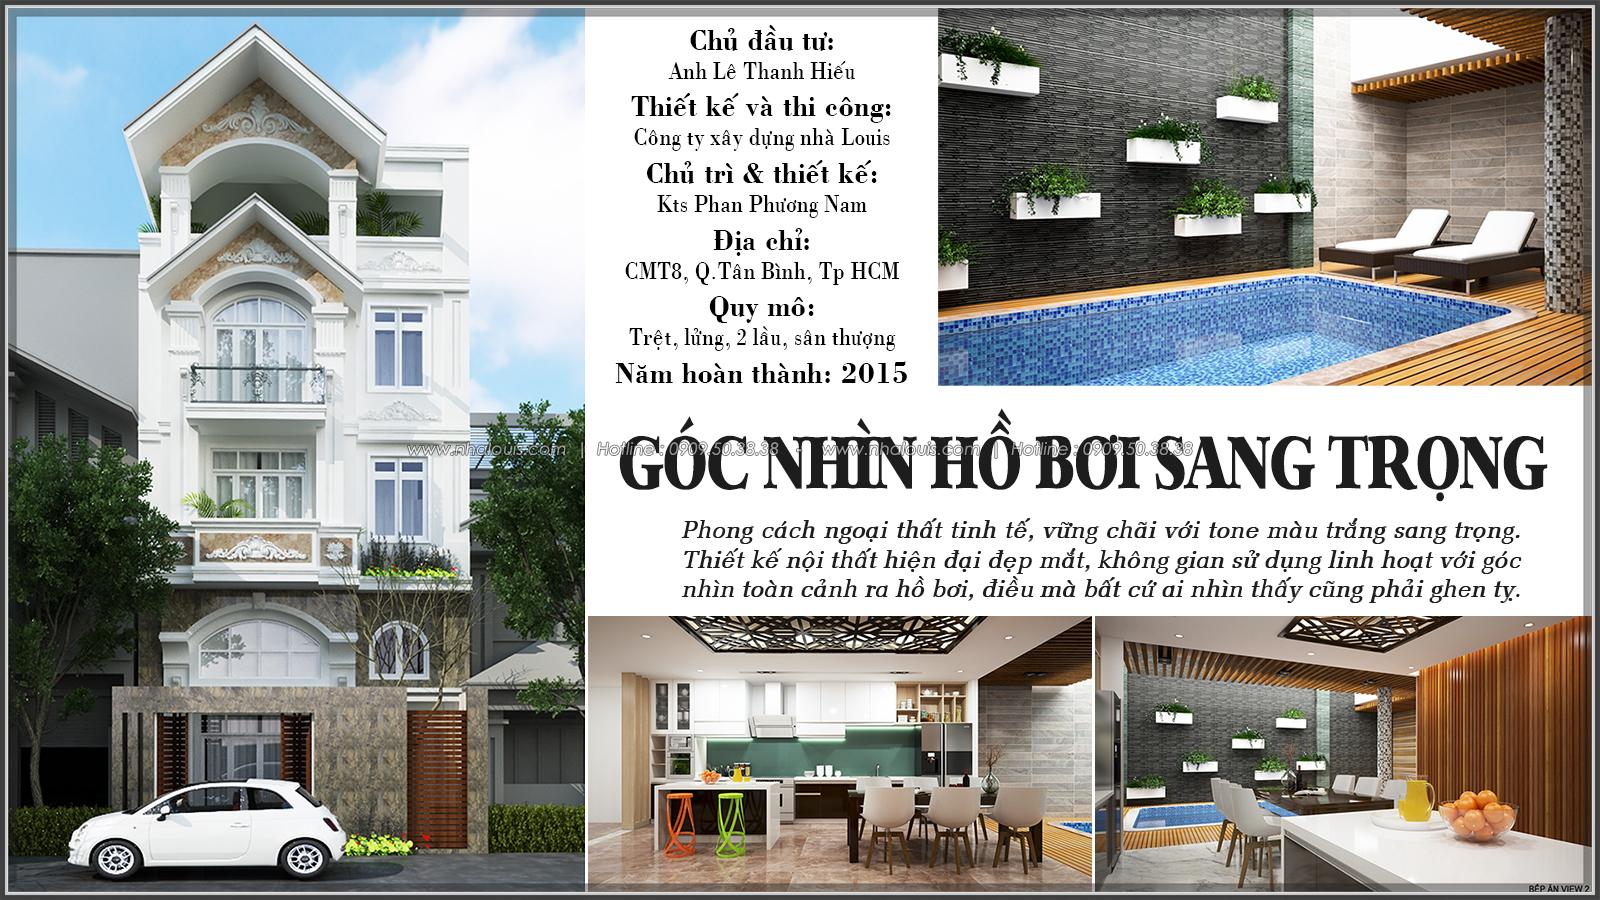 Thiết kế biệt thự có hồ bơi trong nhà ấn tượng tại quận Tân Bình - 1